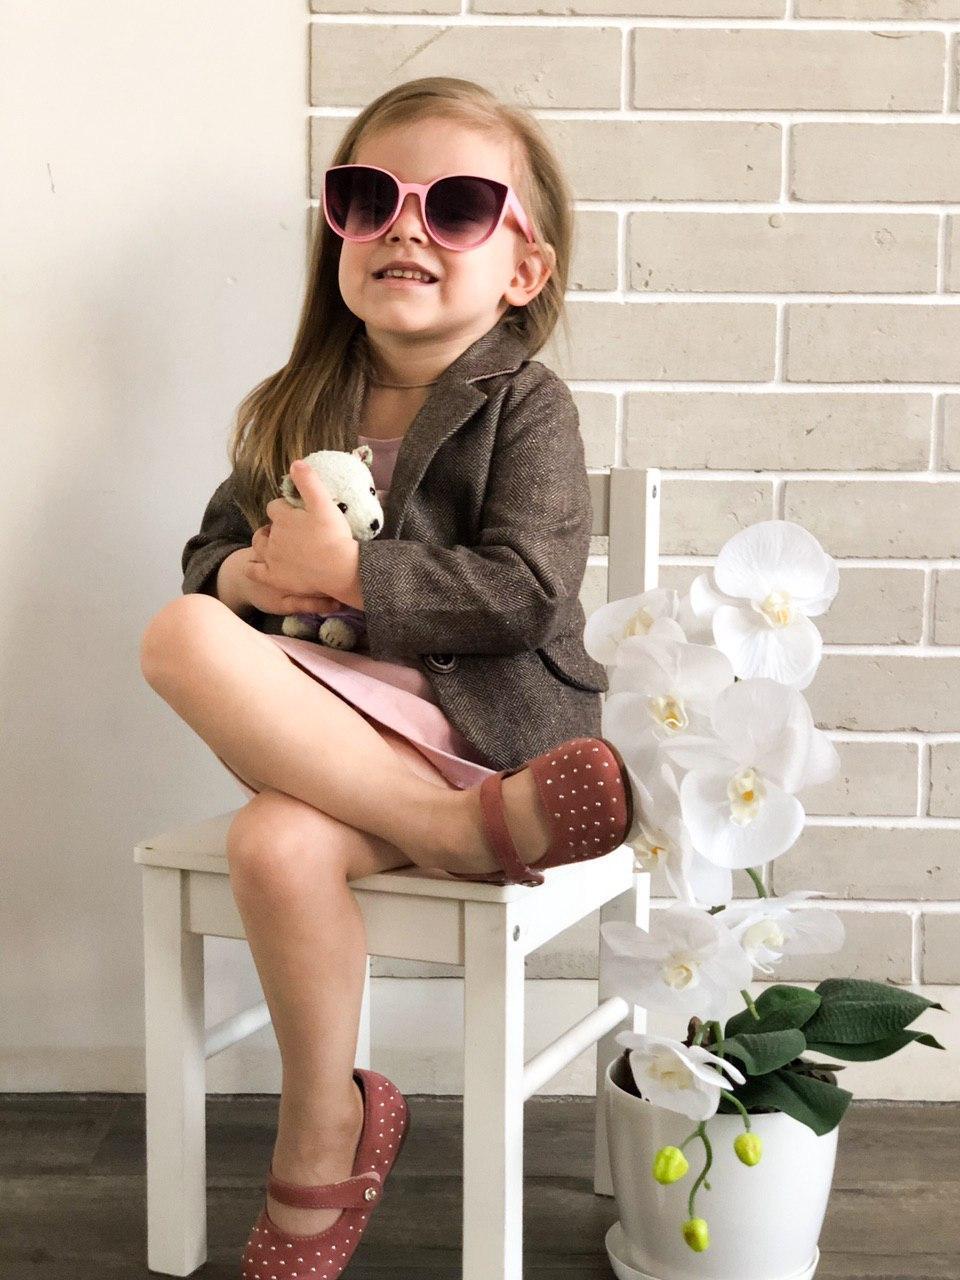 Очки для девочки 3-7 лет/Окуляри для дівчинки 3-8 років